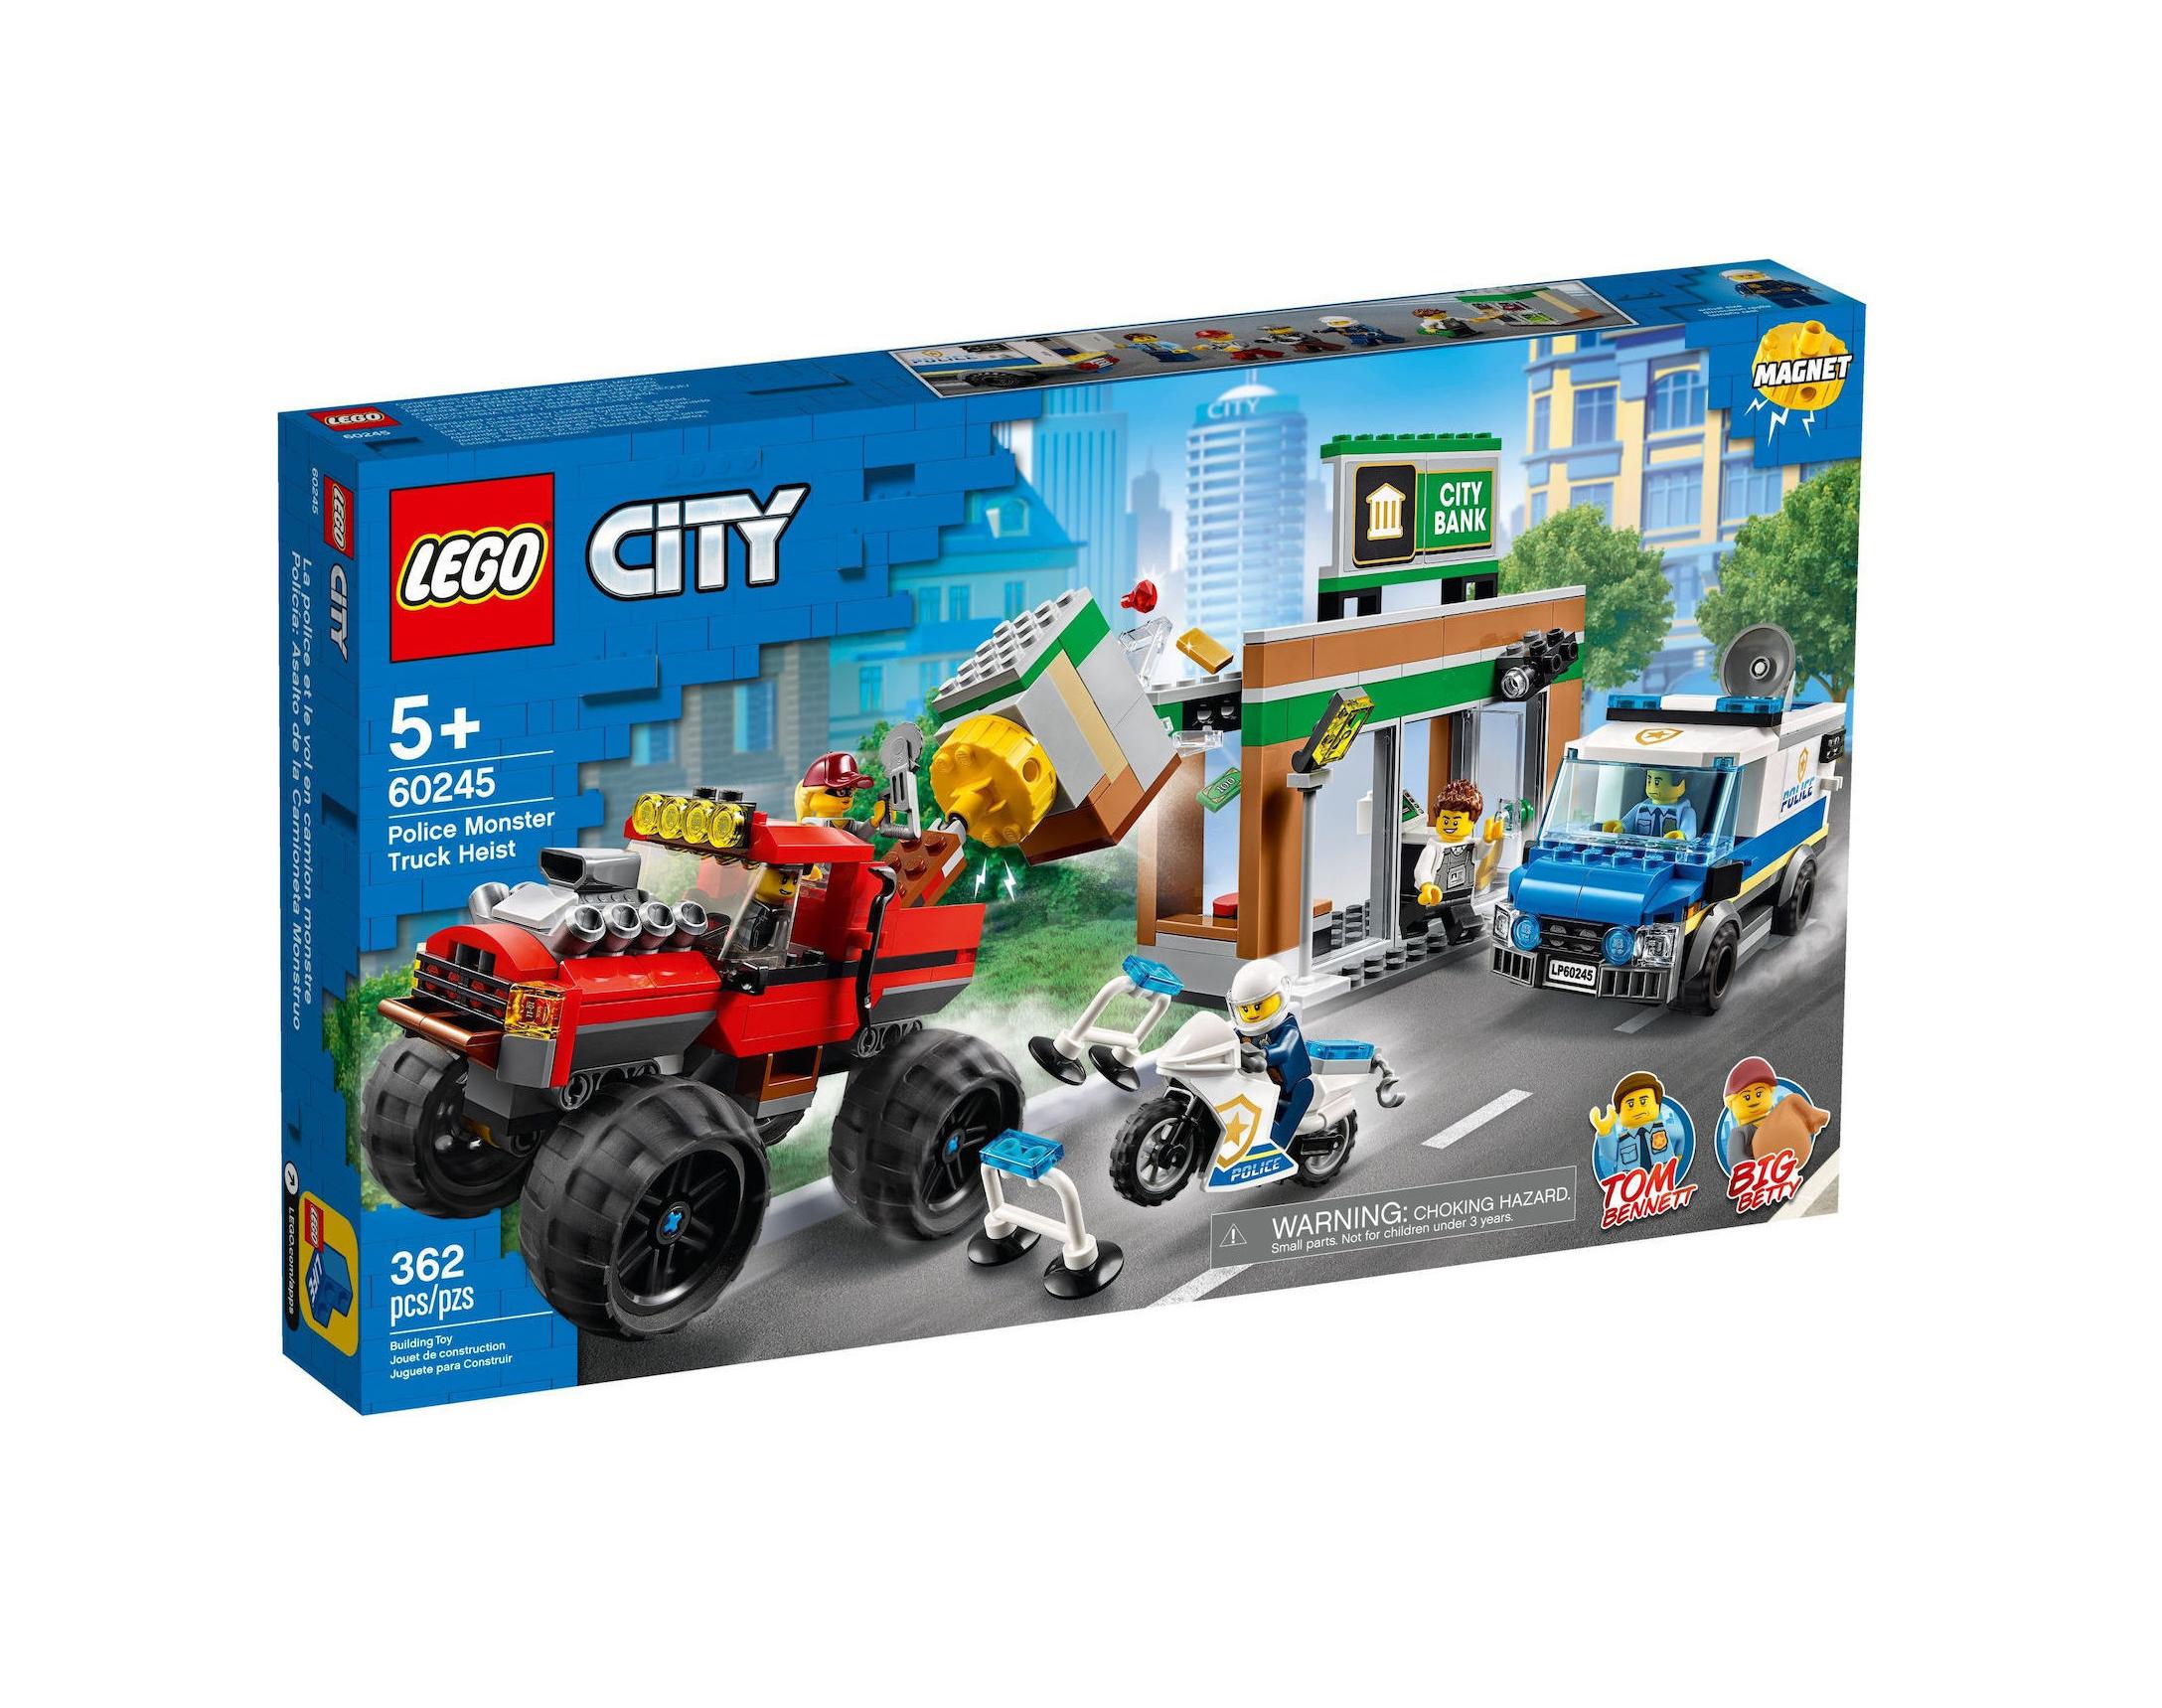 Lego City: Police Monster Truck Heist 60245